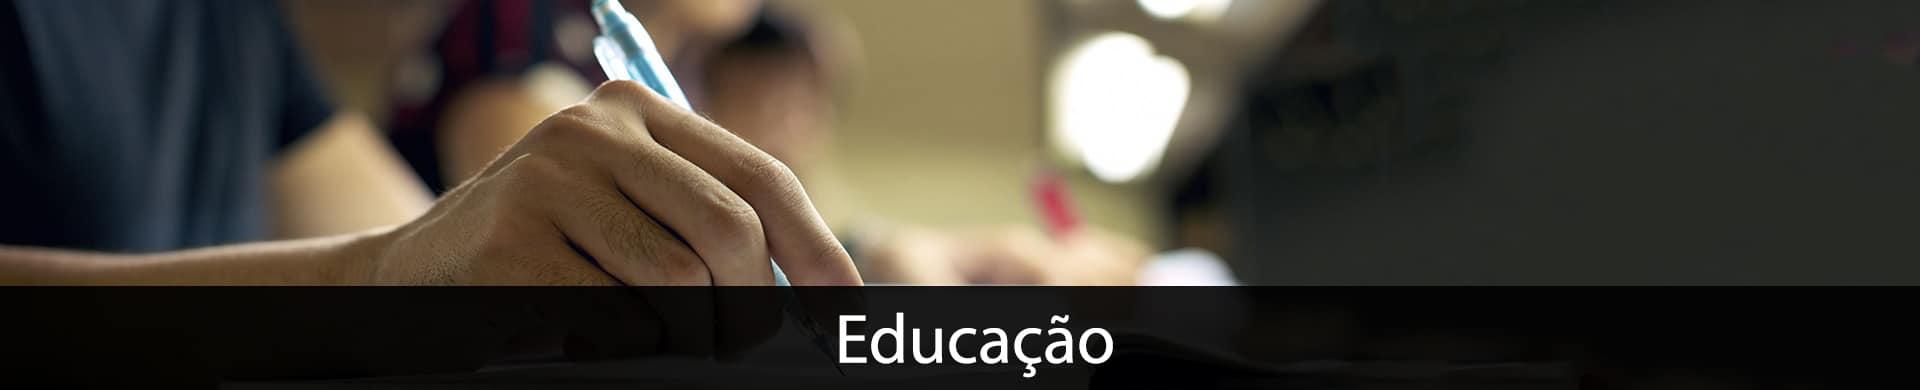 educaçao1 copy